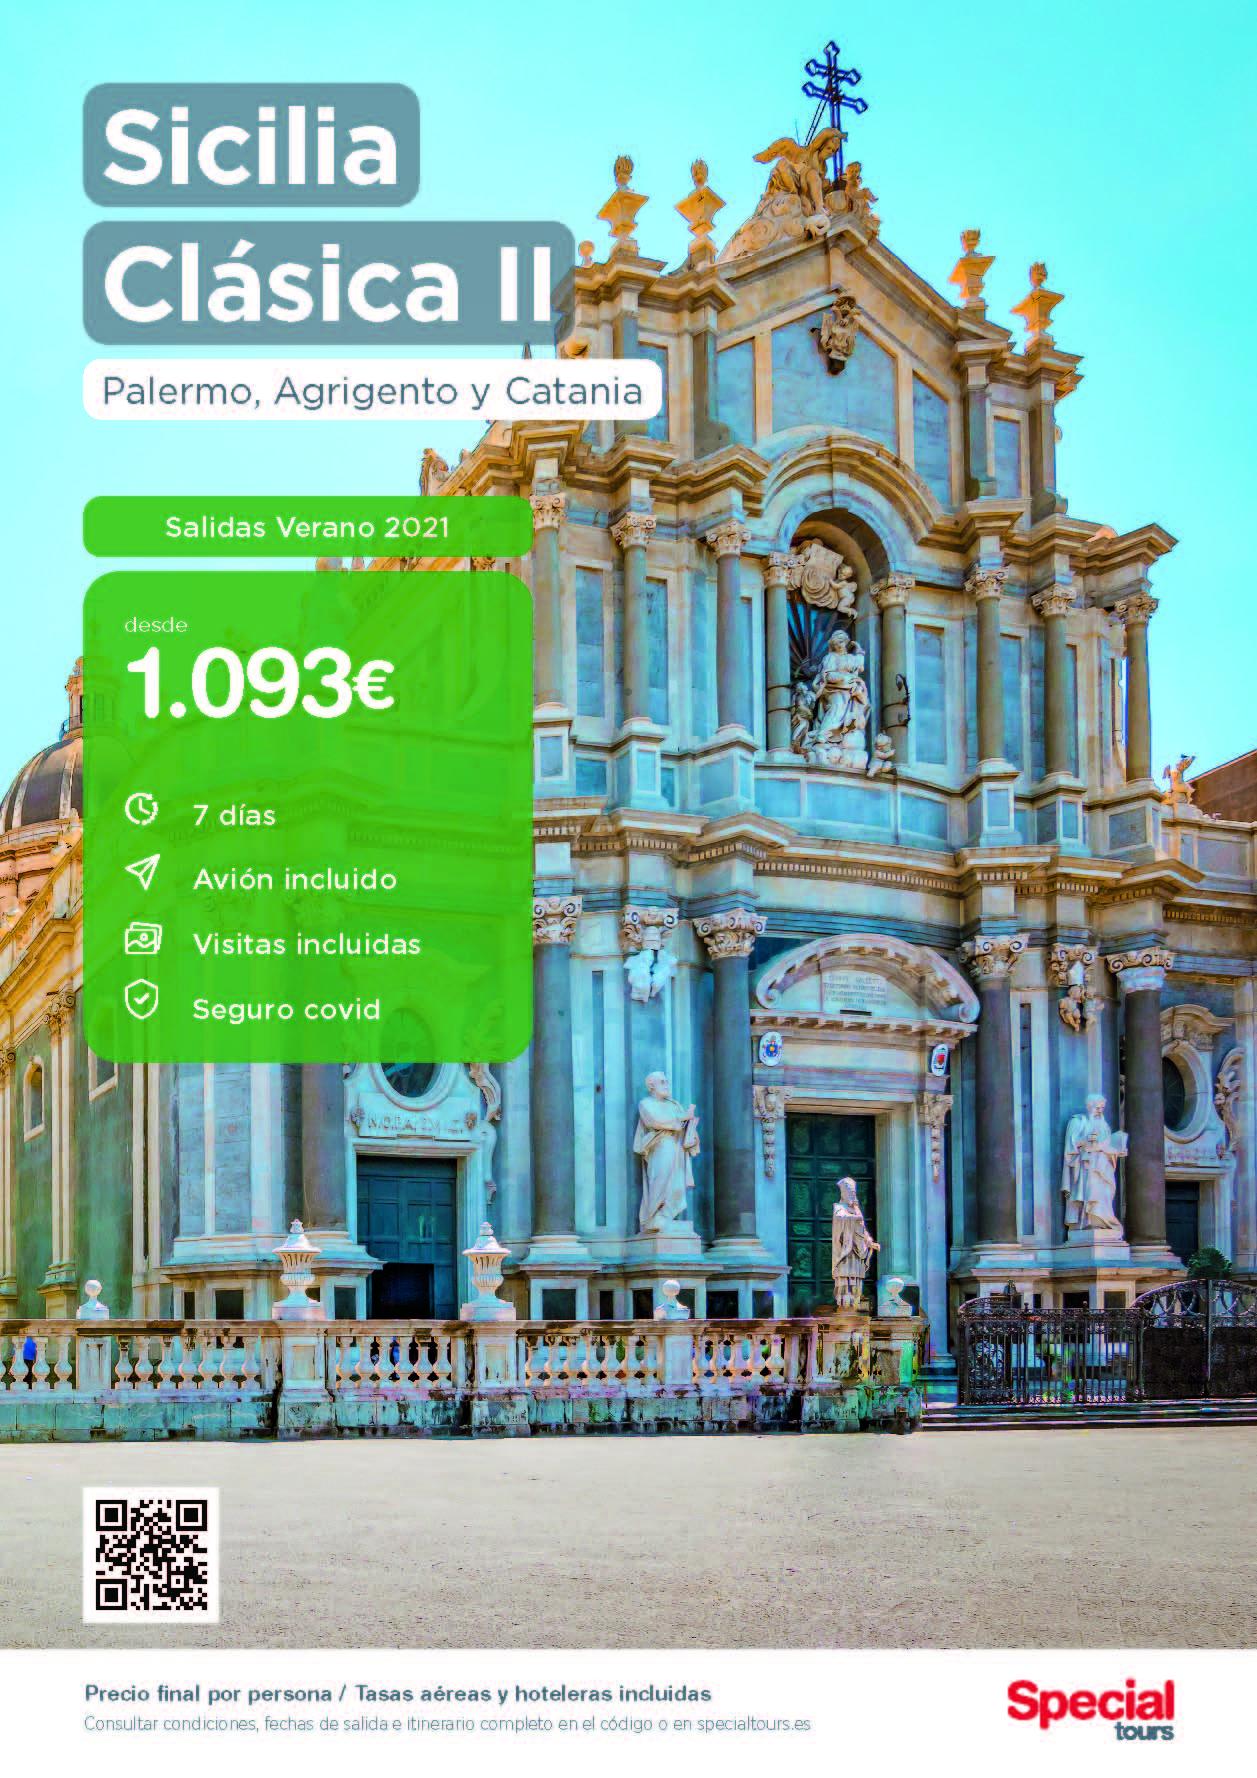 Oferta Special Tours Sicilia Clasica II Verano 2021 salidas Madrid